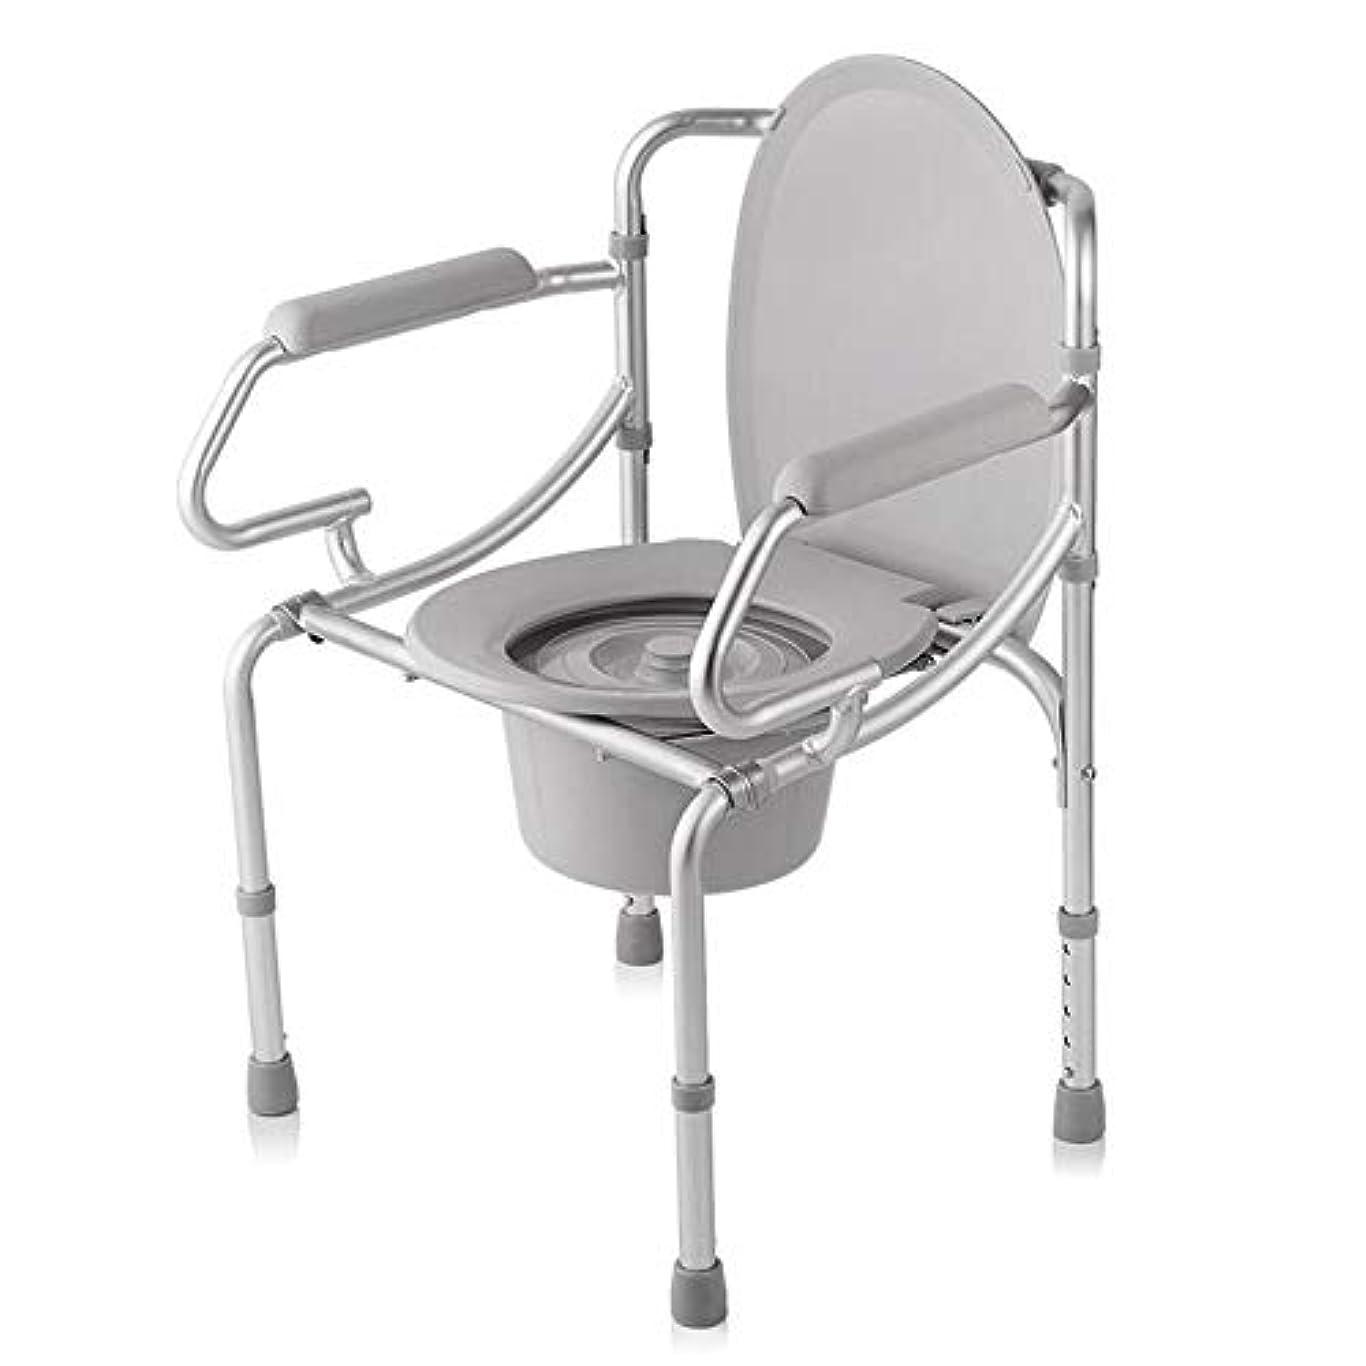 中古品揃え推測する調節可能な便器椅子、取り外し可能なパッド入りシートとトイレ付きの豪華な折りたたみ軽量便器